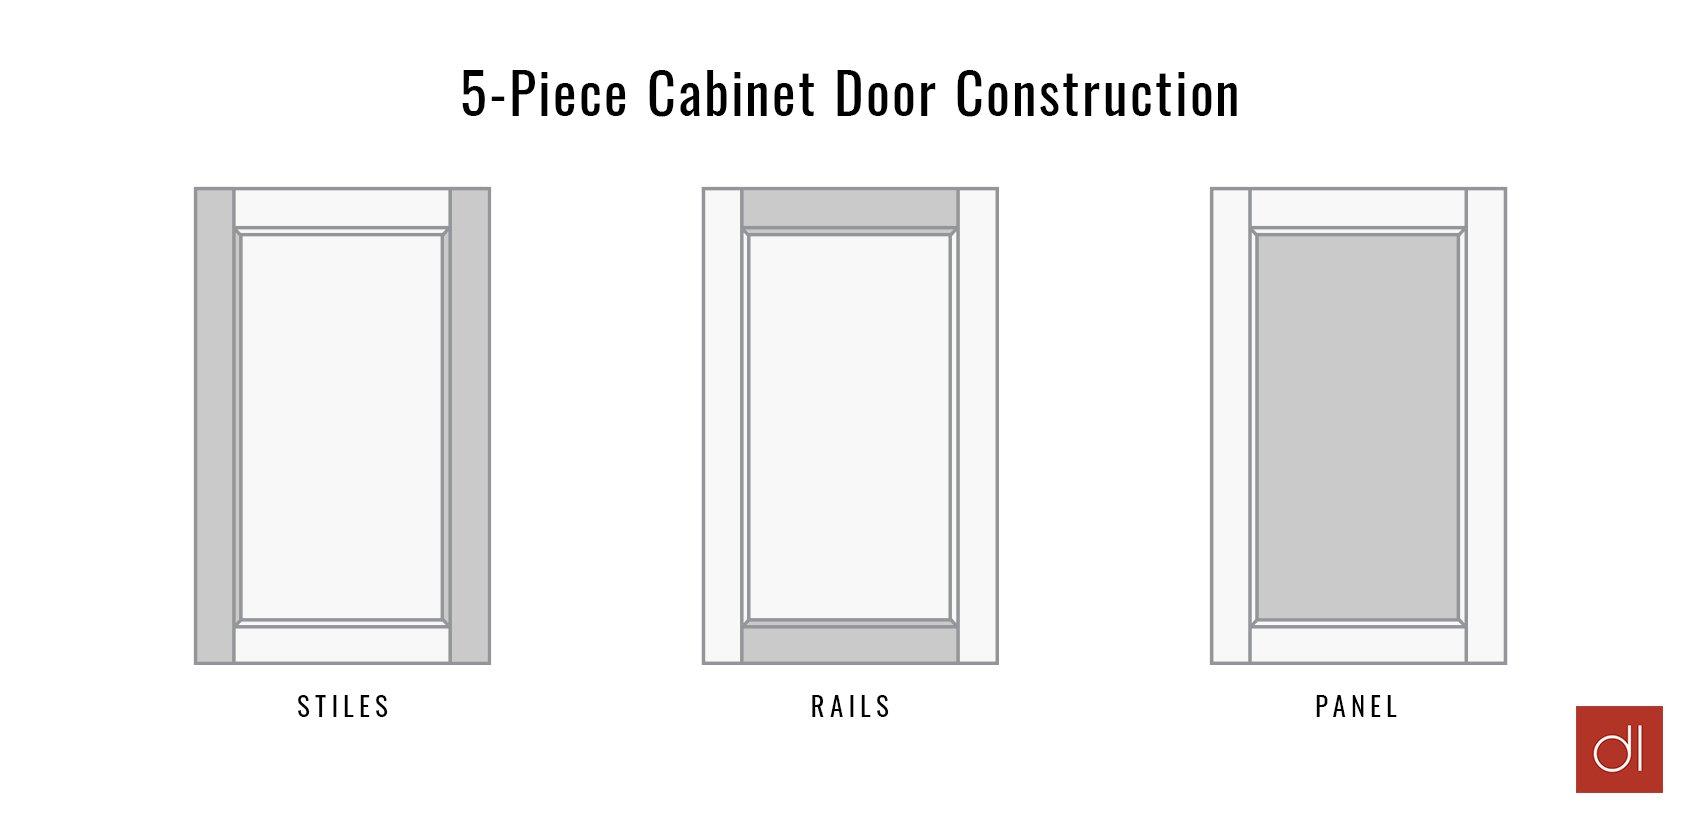 5-piece cabinet door construction